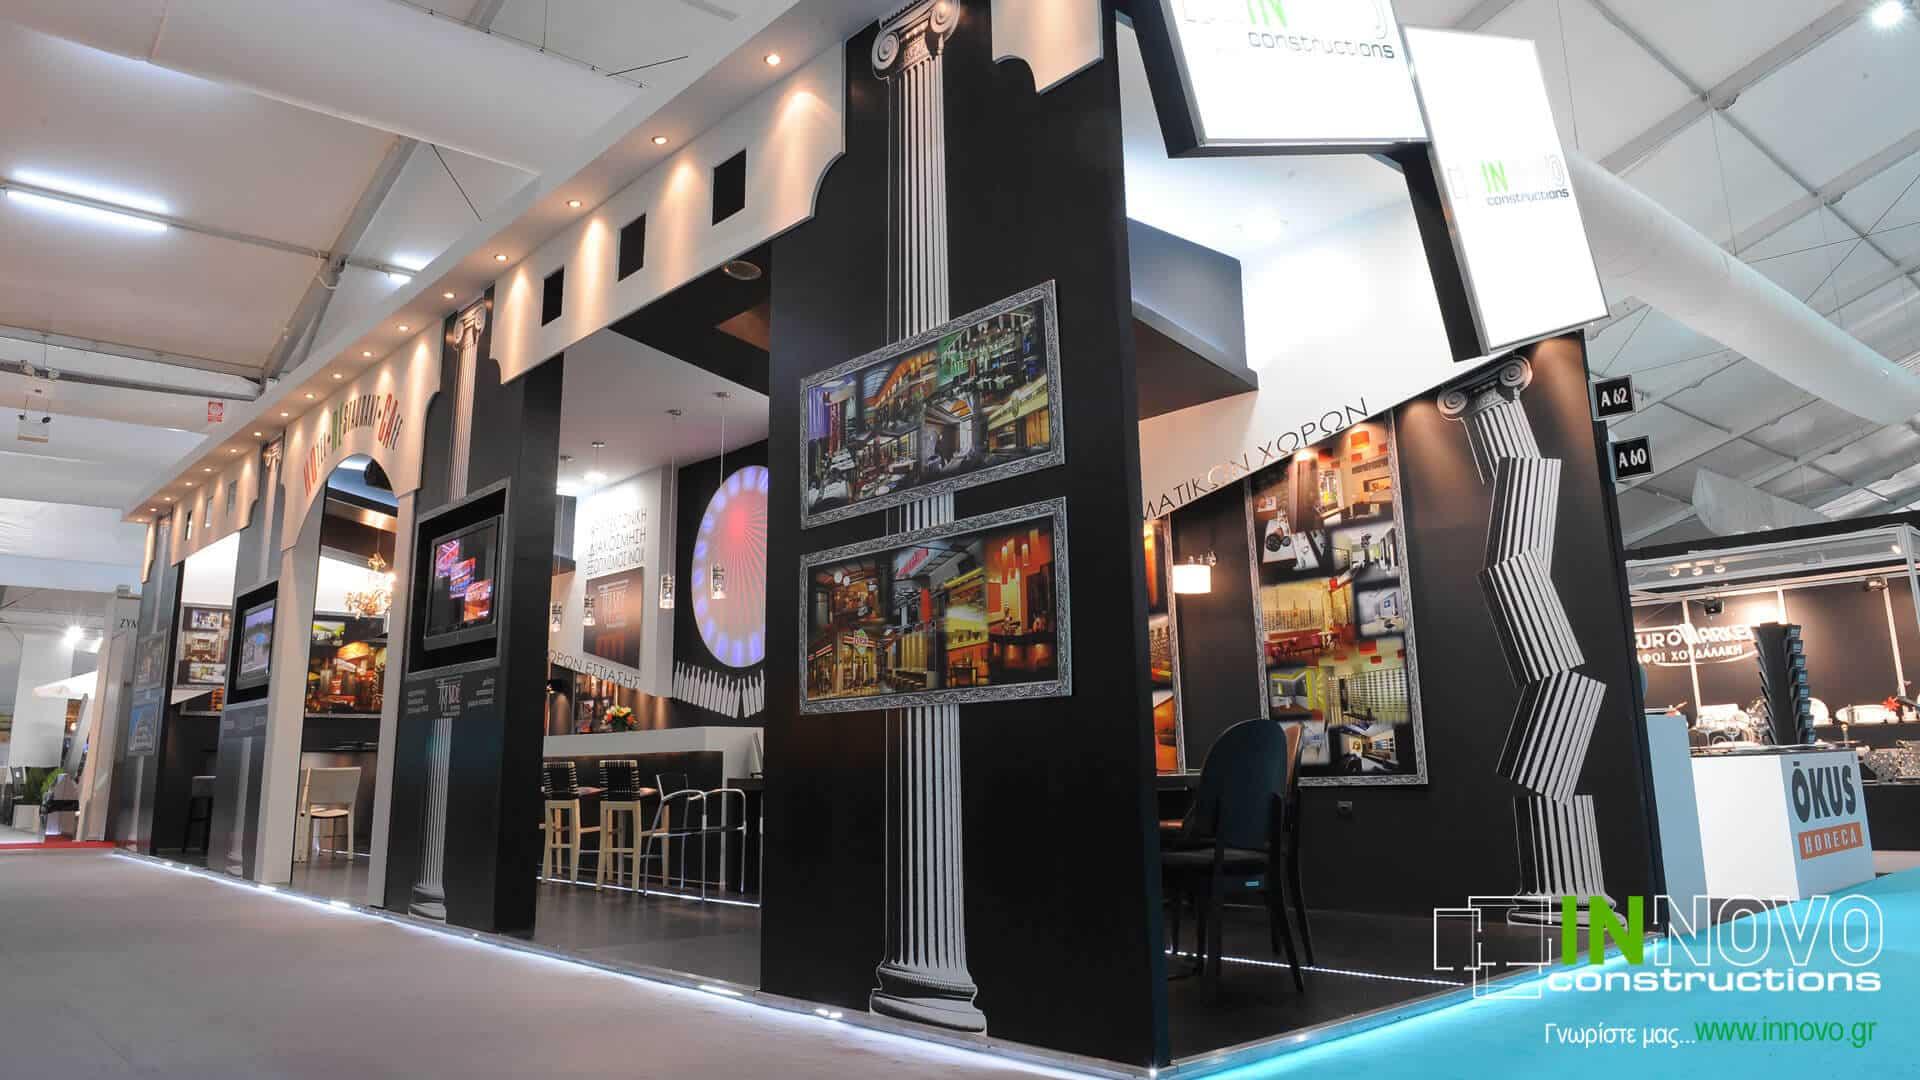 sxediasmos-peripterou-exhibition-stand-design-periptero-mas-horeca2010